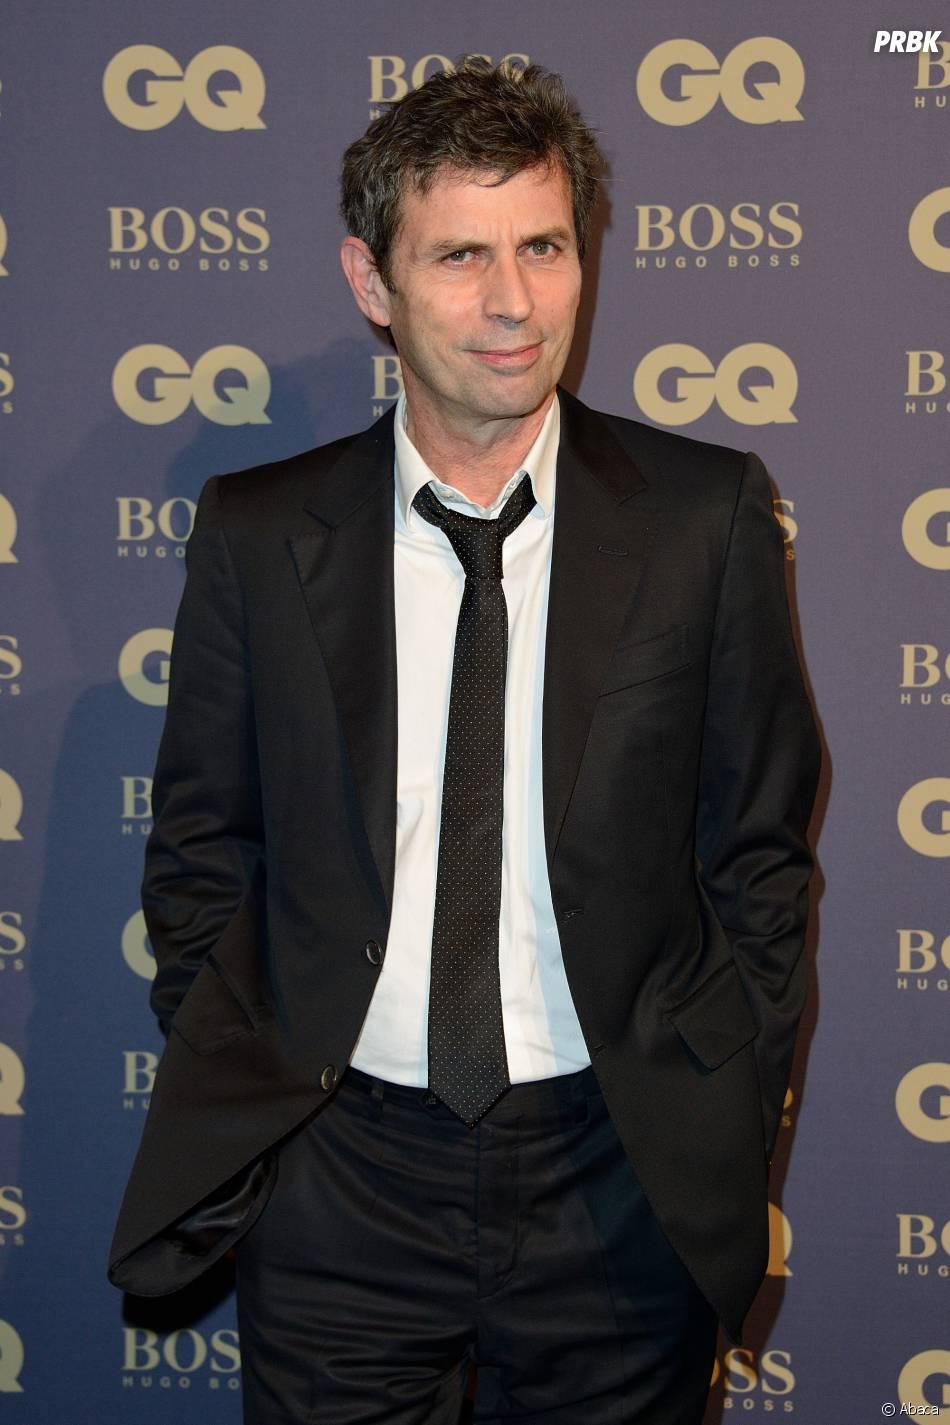 Frédéric Taffeï lors de la soirée GQ, au musée d'Orsay, le 19 novembre 2014